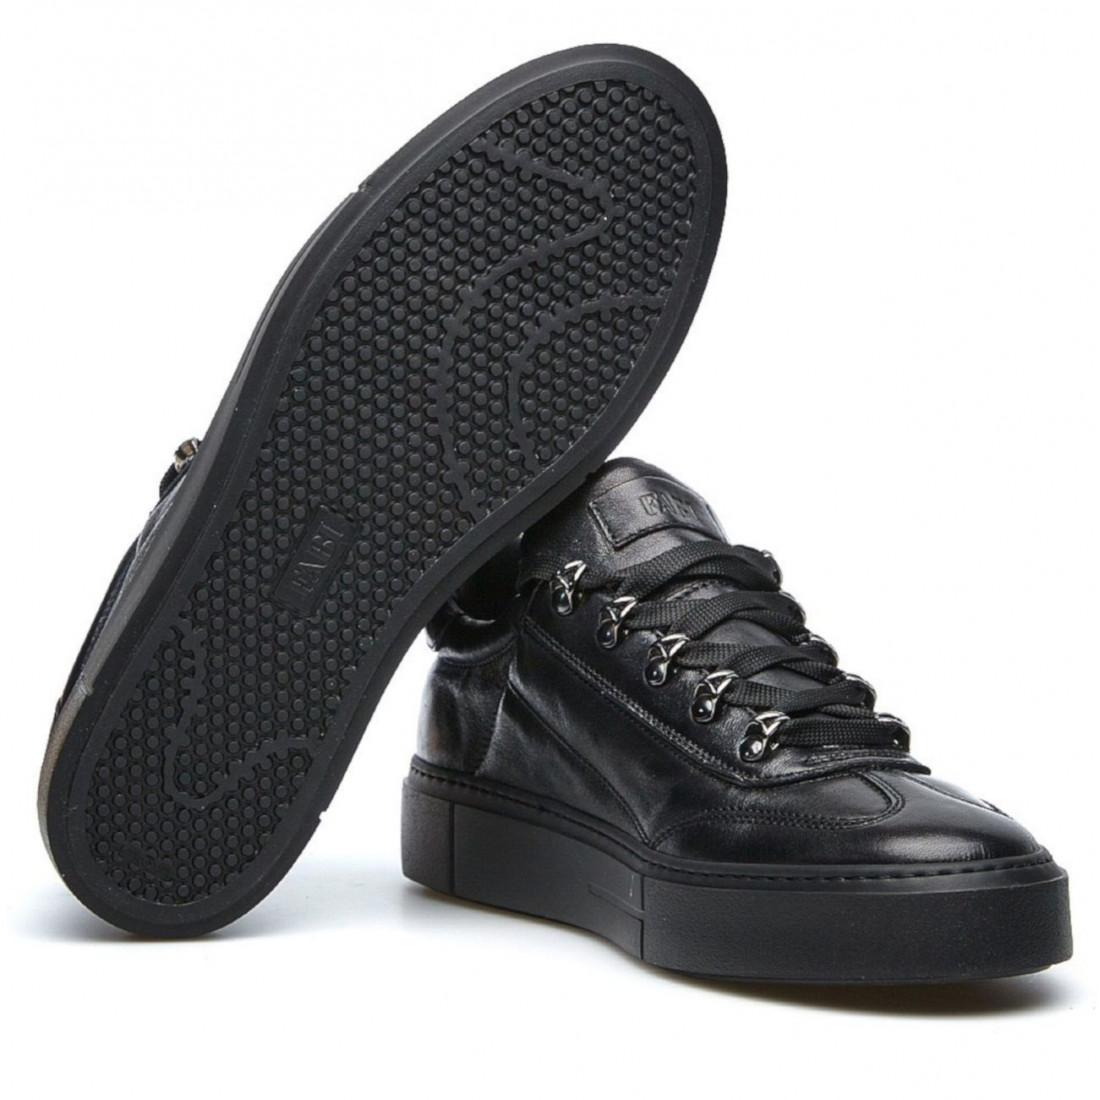 sneakers herren fabi fu9580a00kannba900 4985